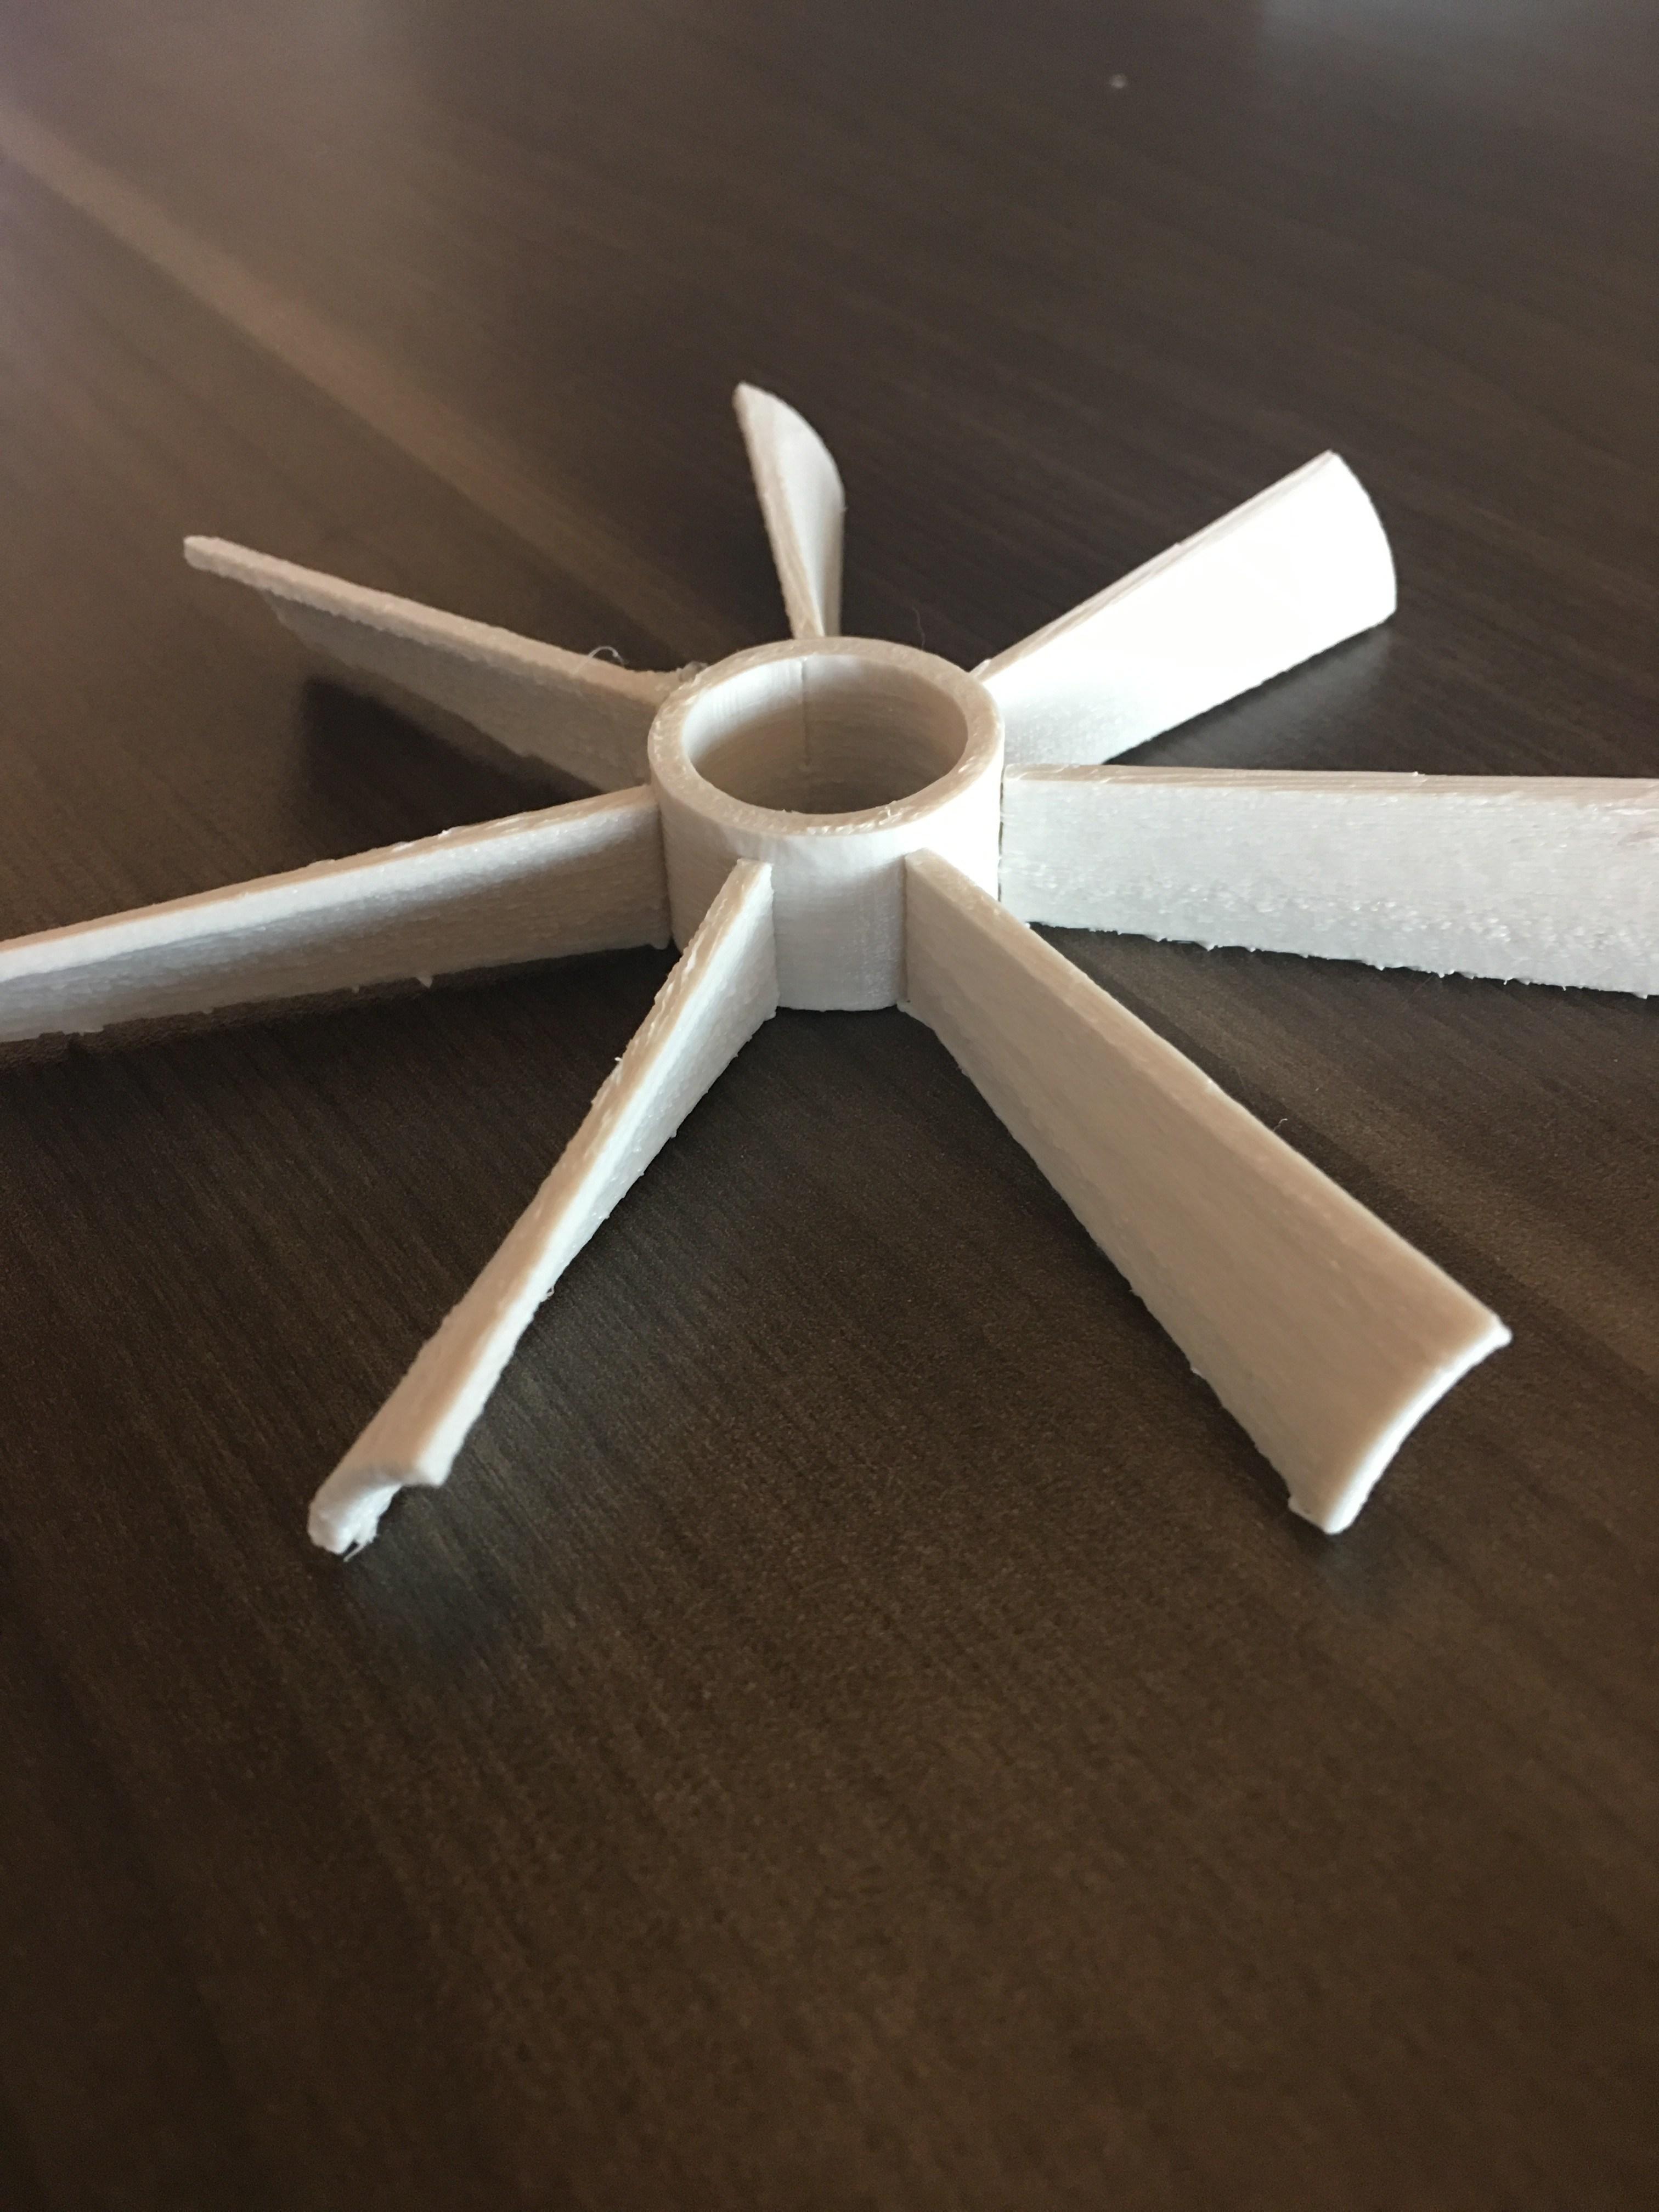 3D Printed Fan